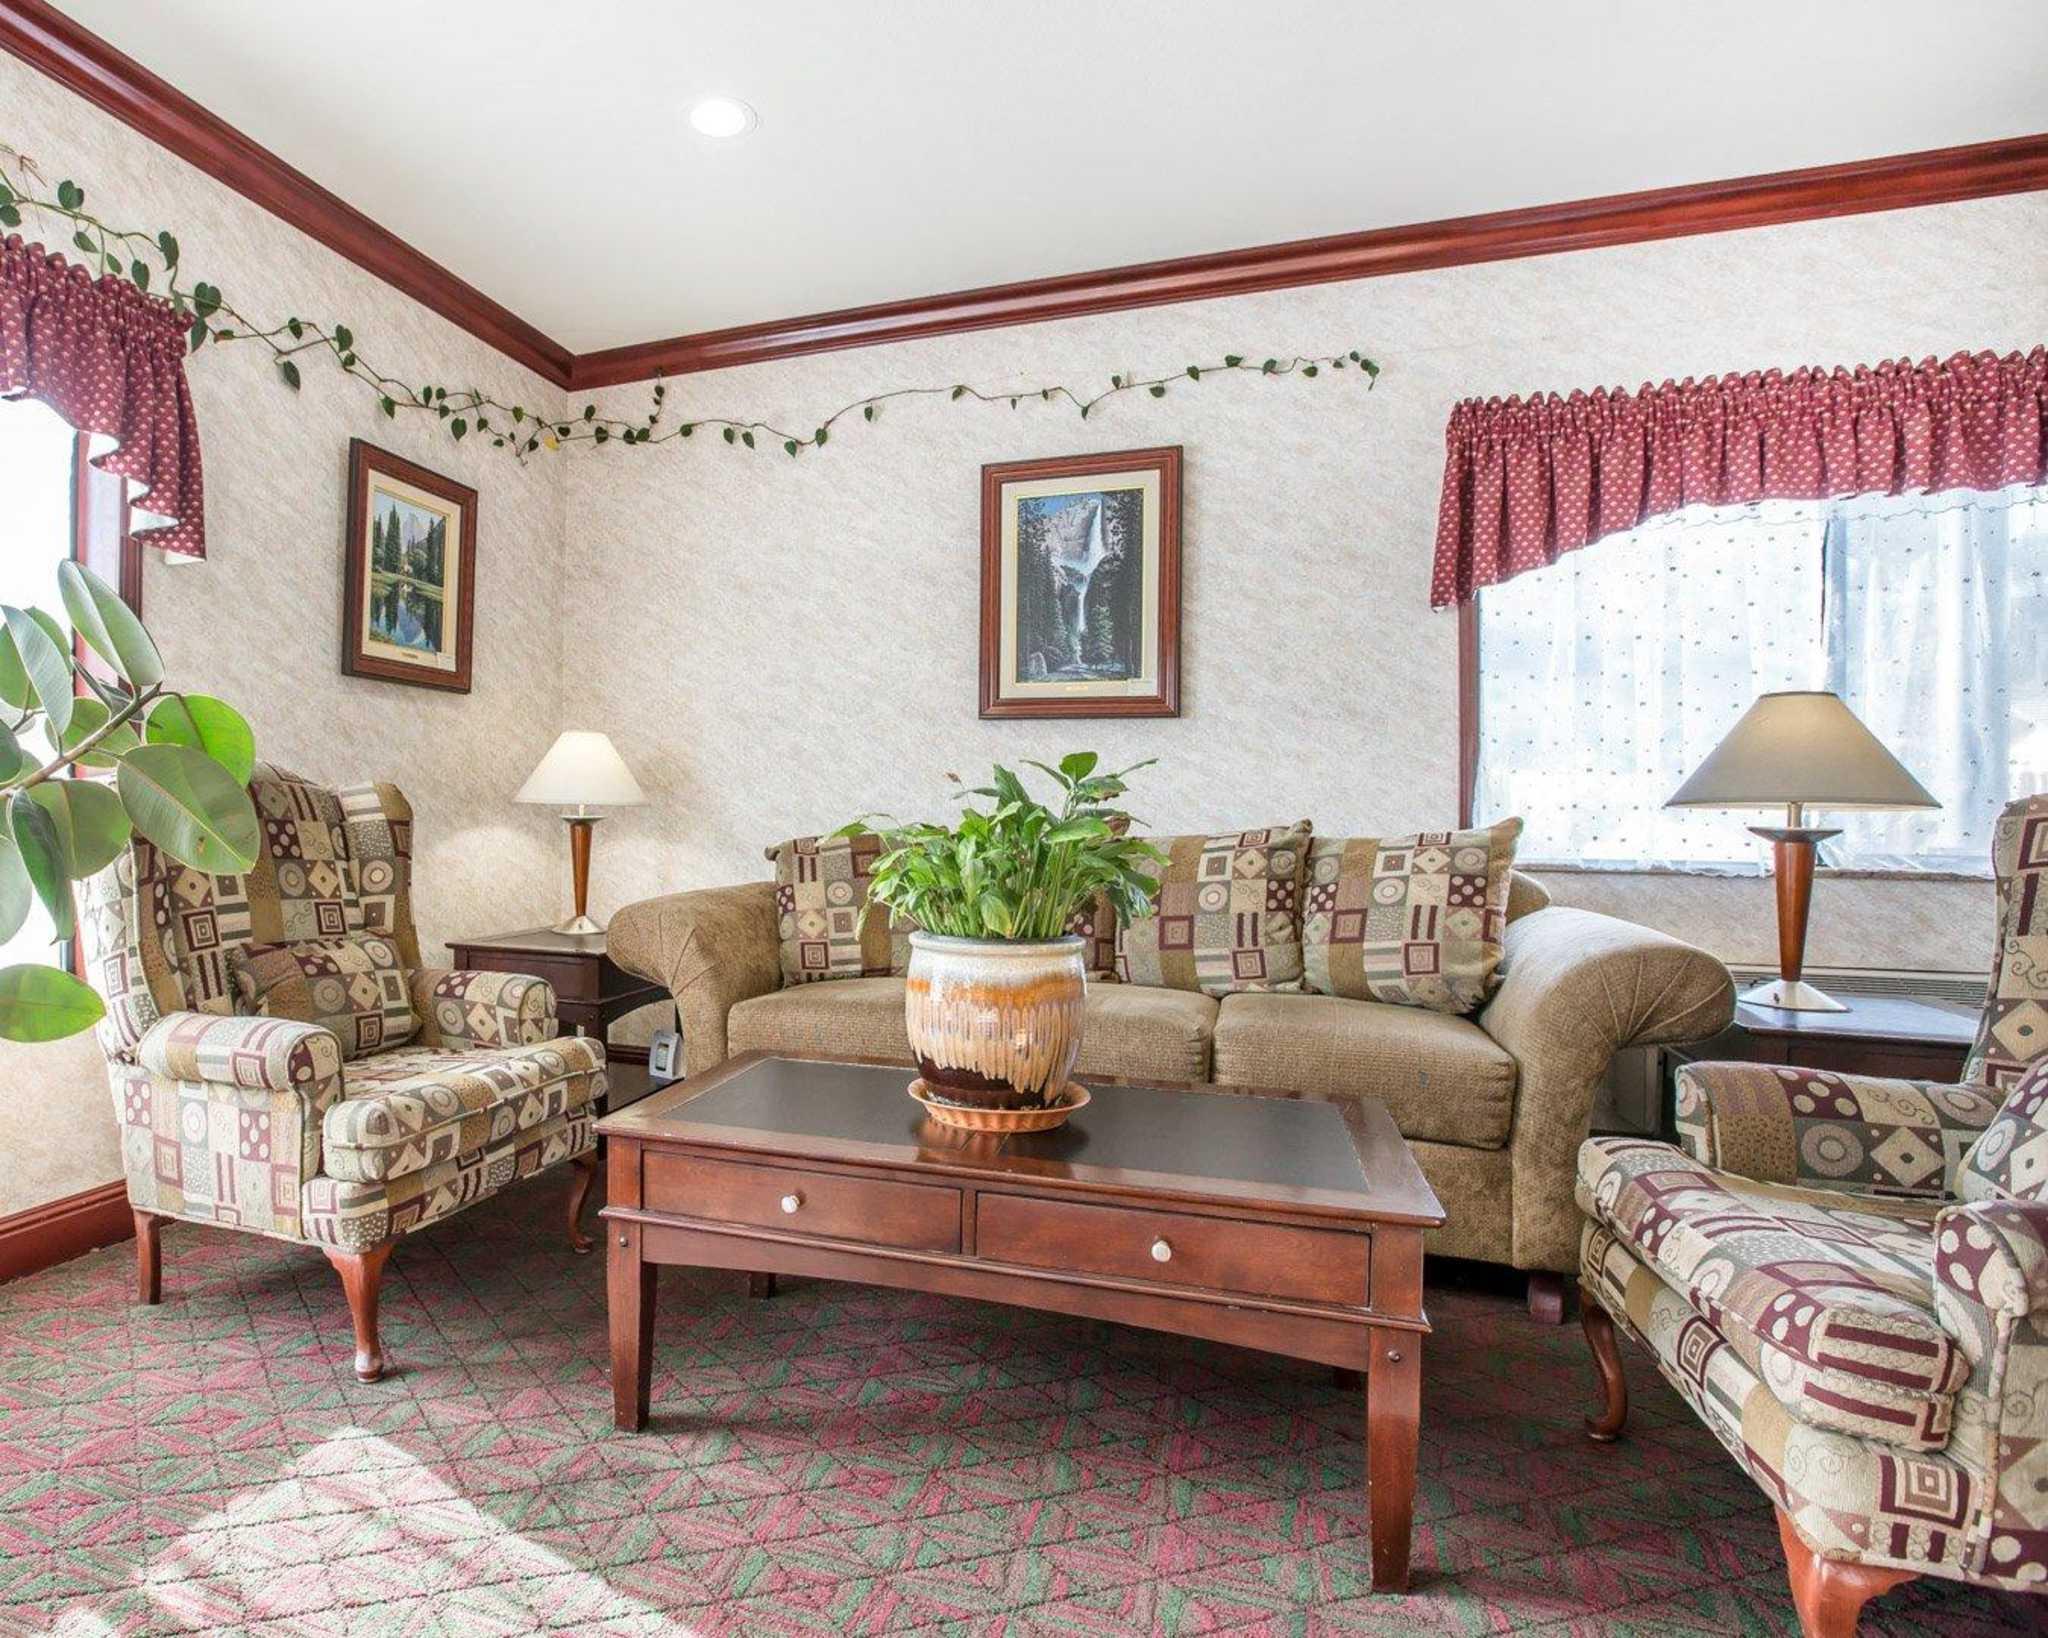 Comfort Inn Yosemite Area, Oakhurst California (CA ...  Comfort Inn Yosemite Area Oakhurst